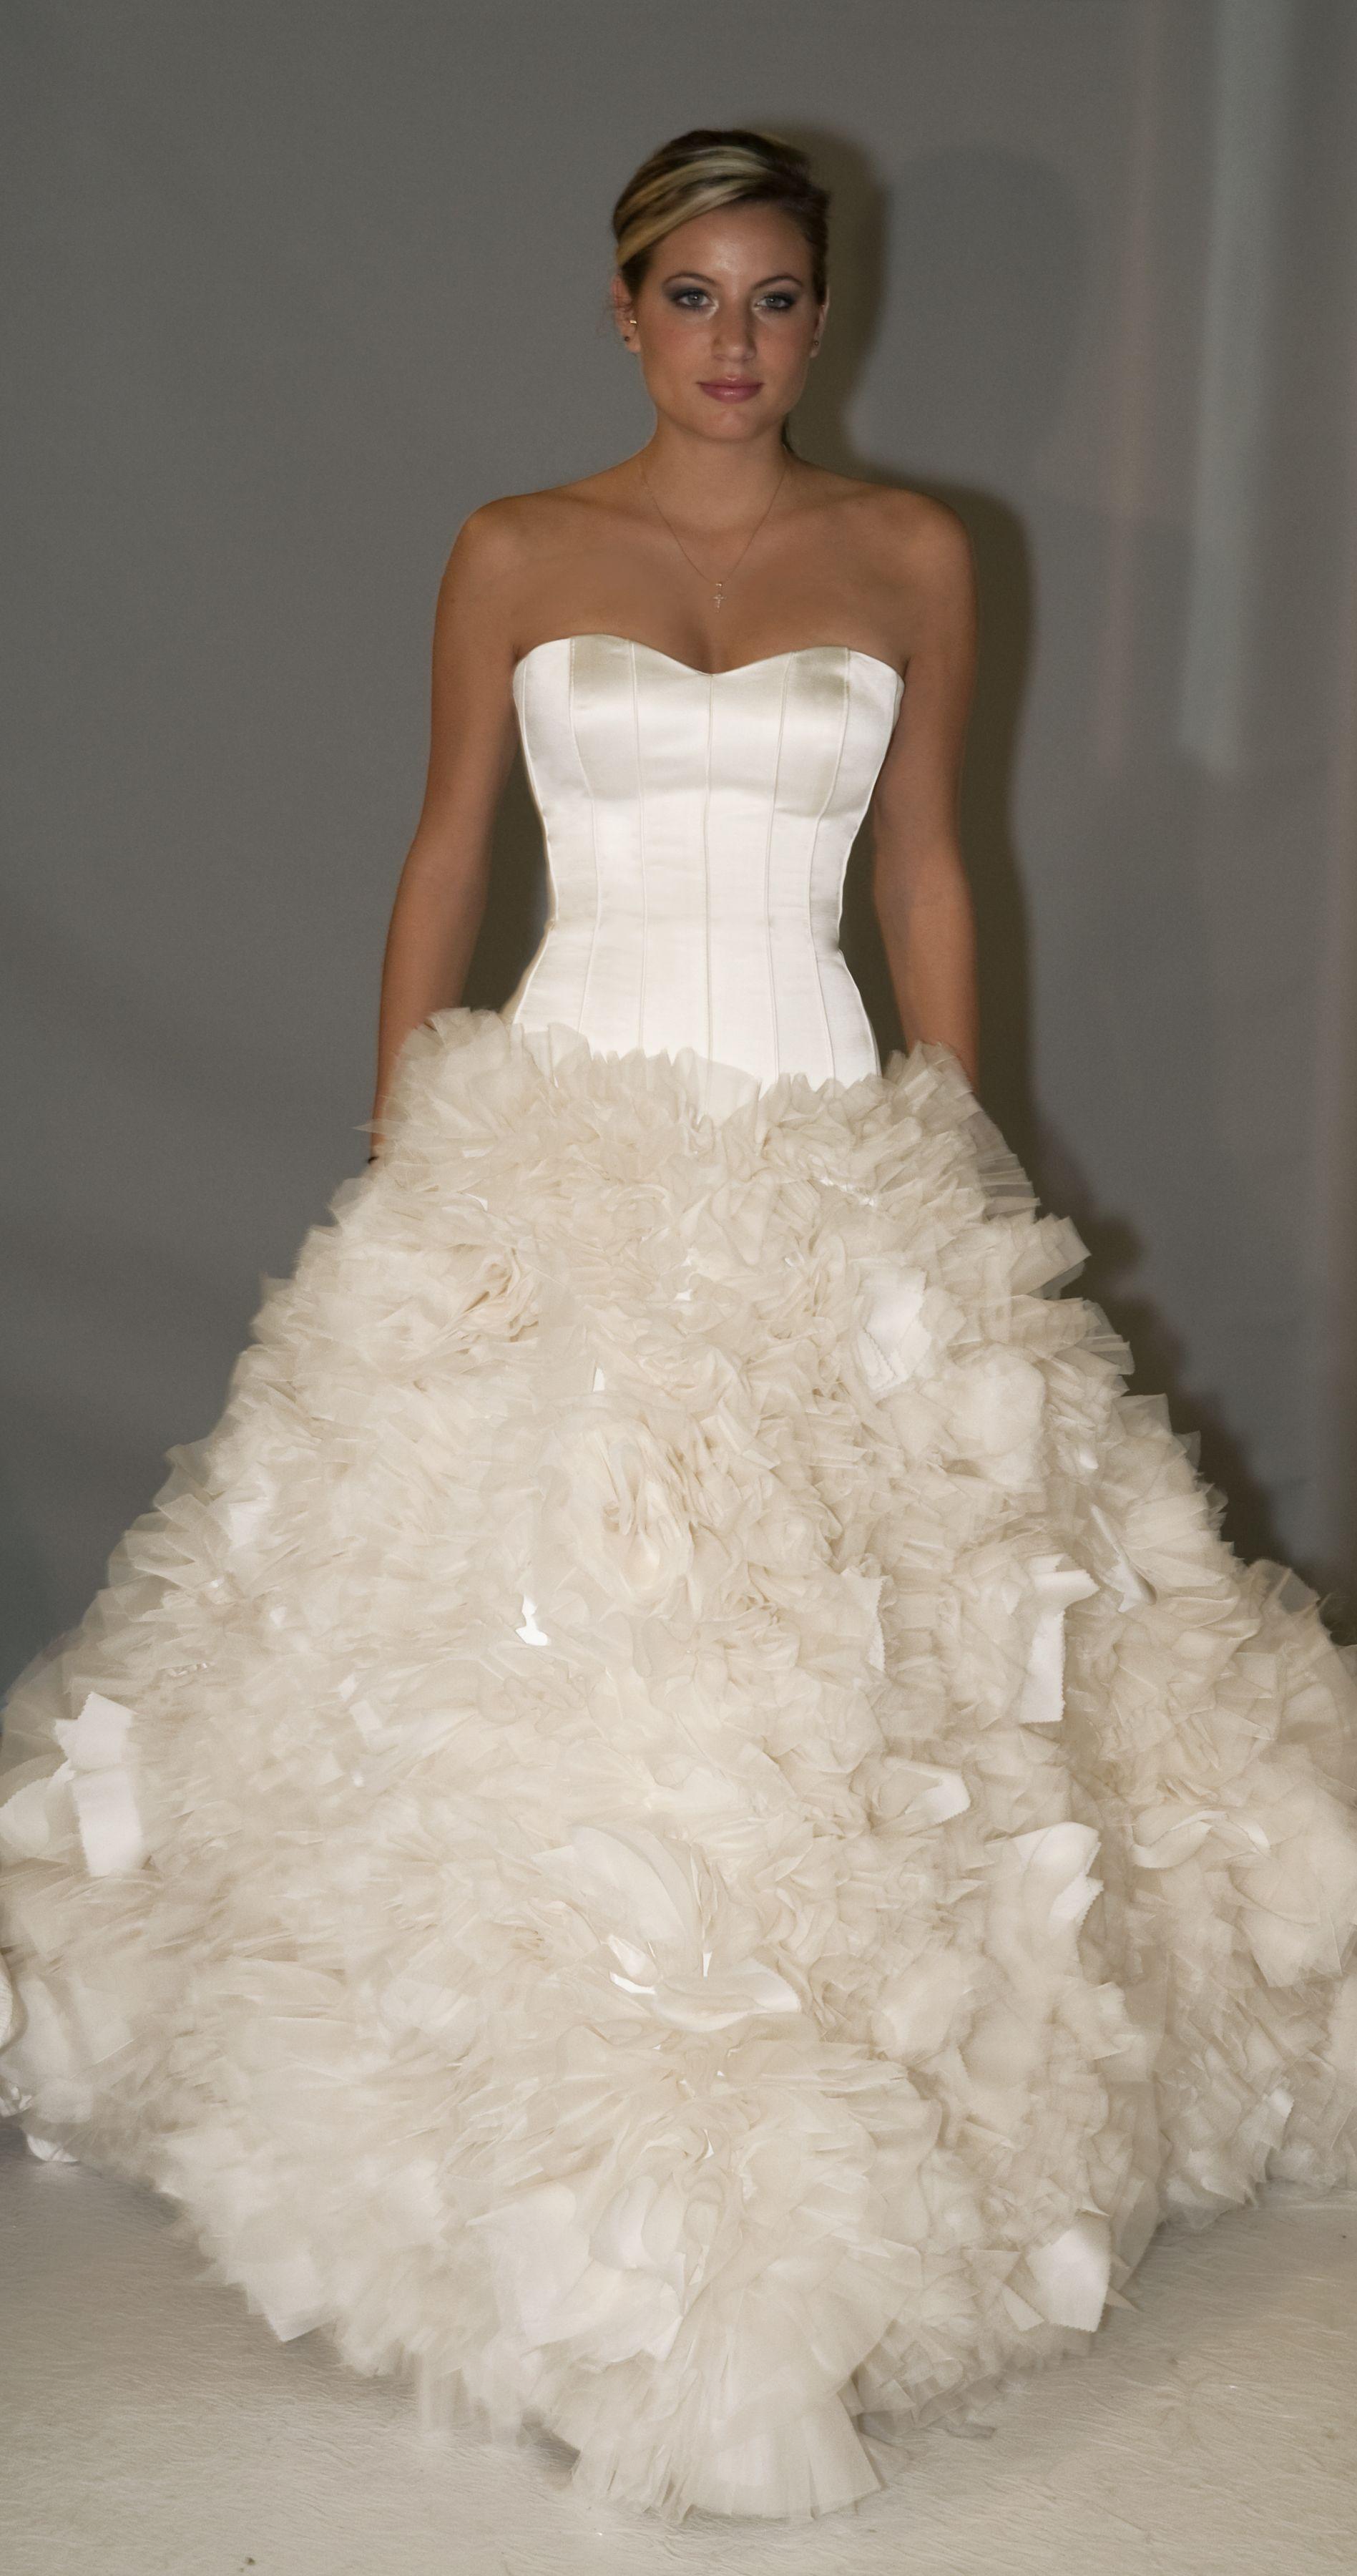 25+ One shoulder corset ball gown wedding dress ideas